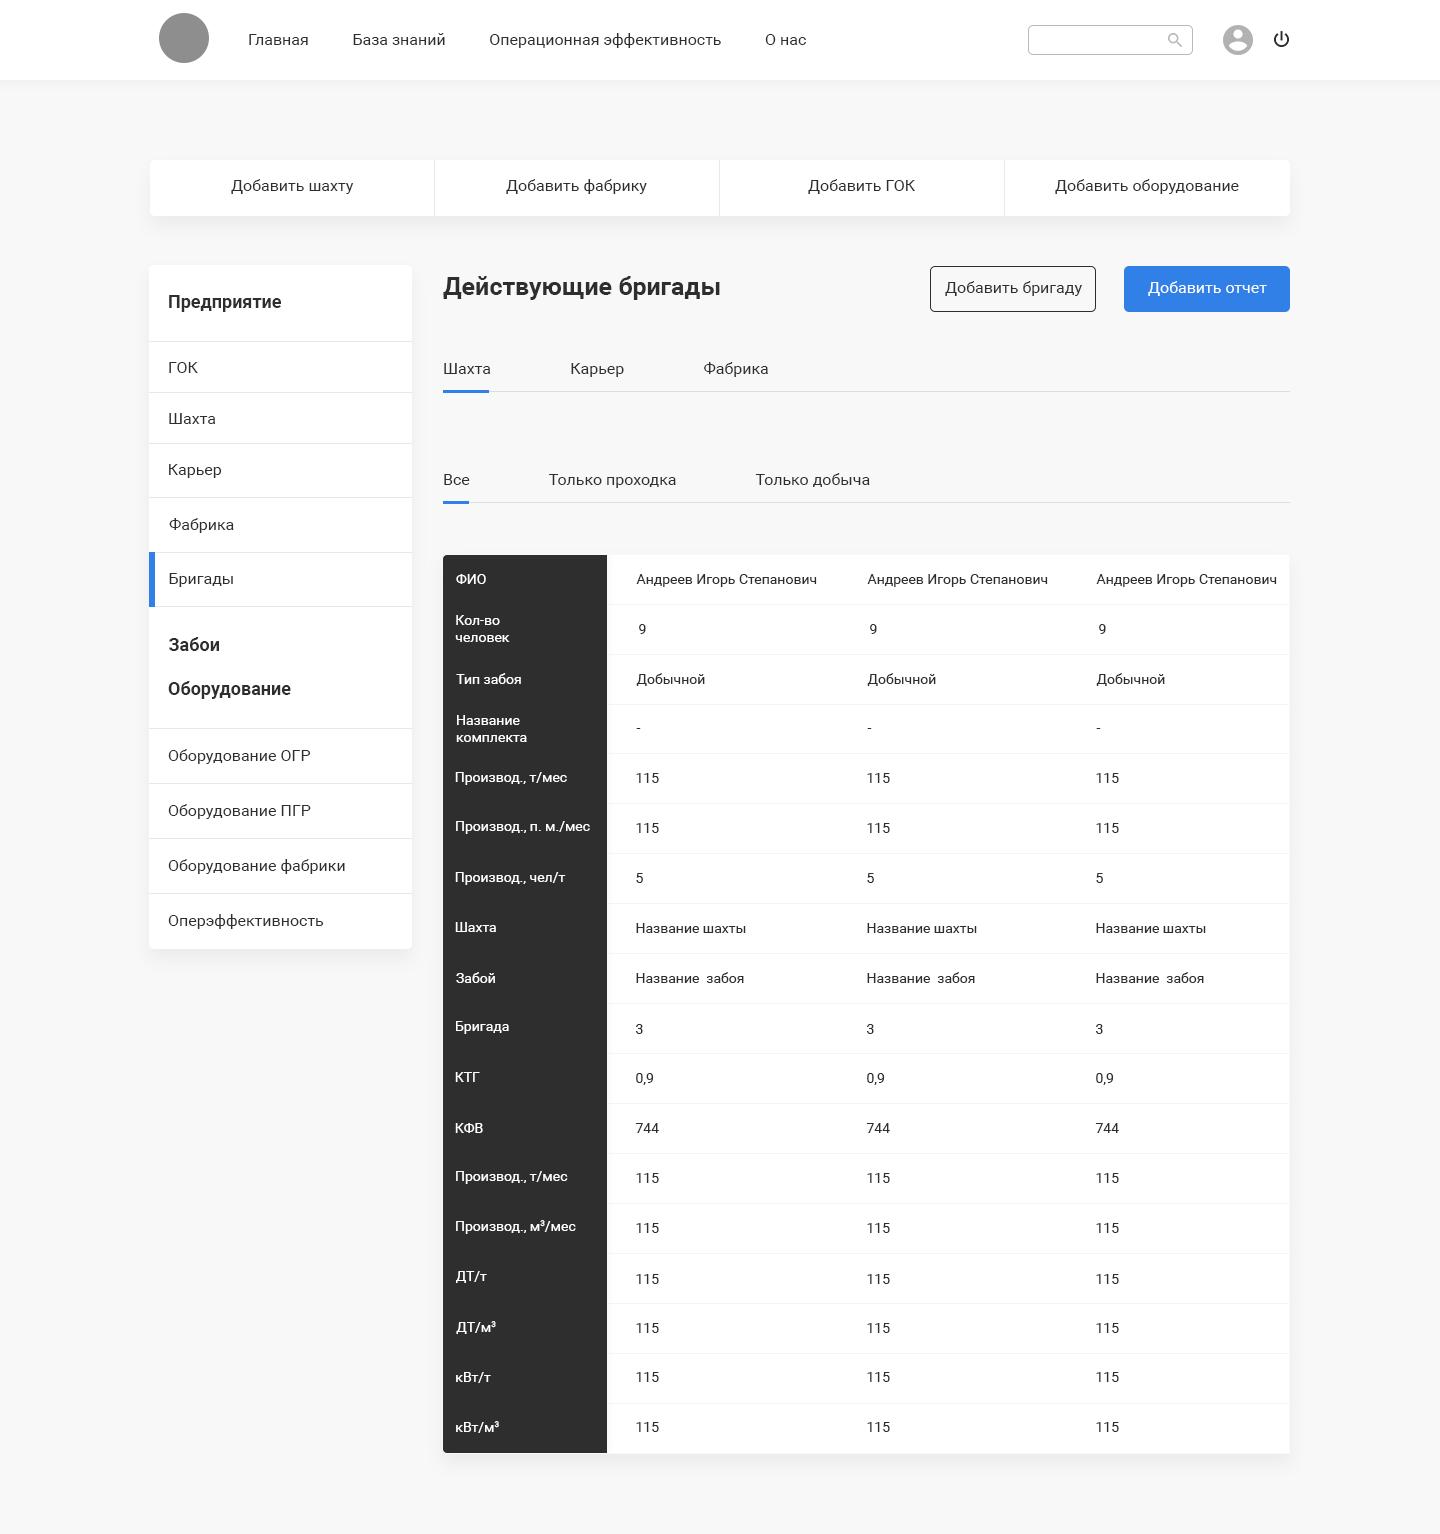 Portal | Сайт_статистики_горнодобывающих_Компаний - Дизайн Уникального продукта - white